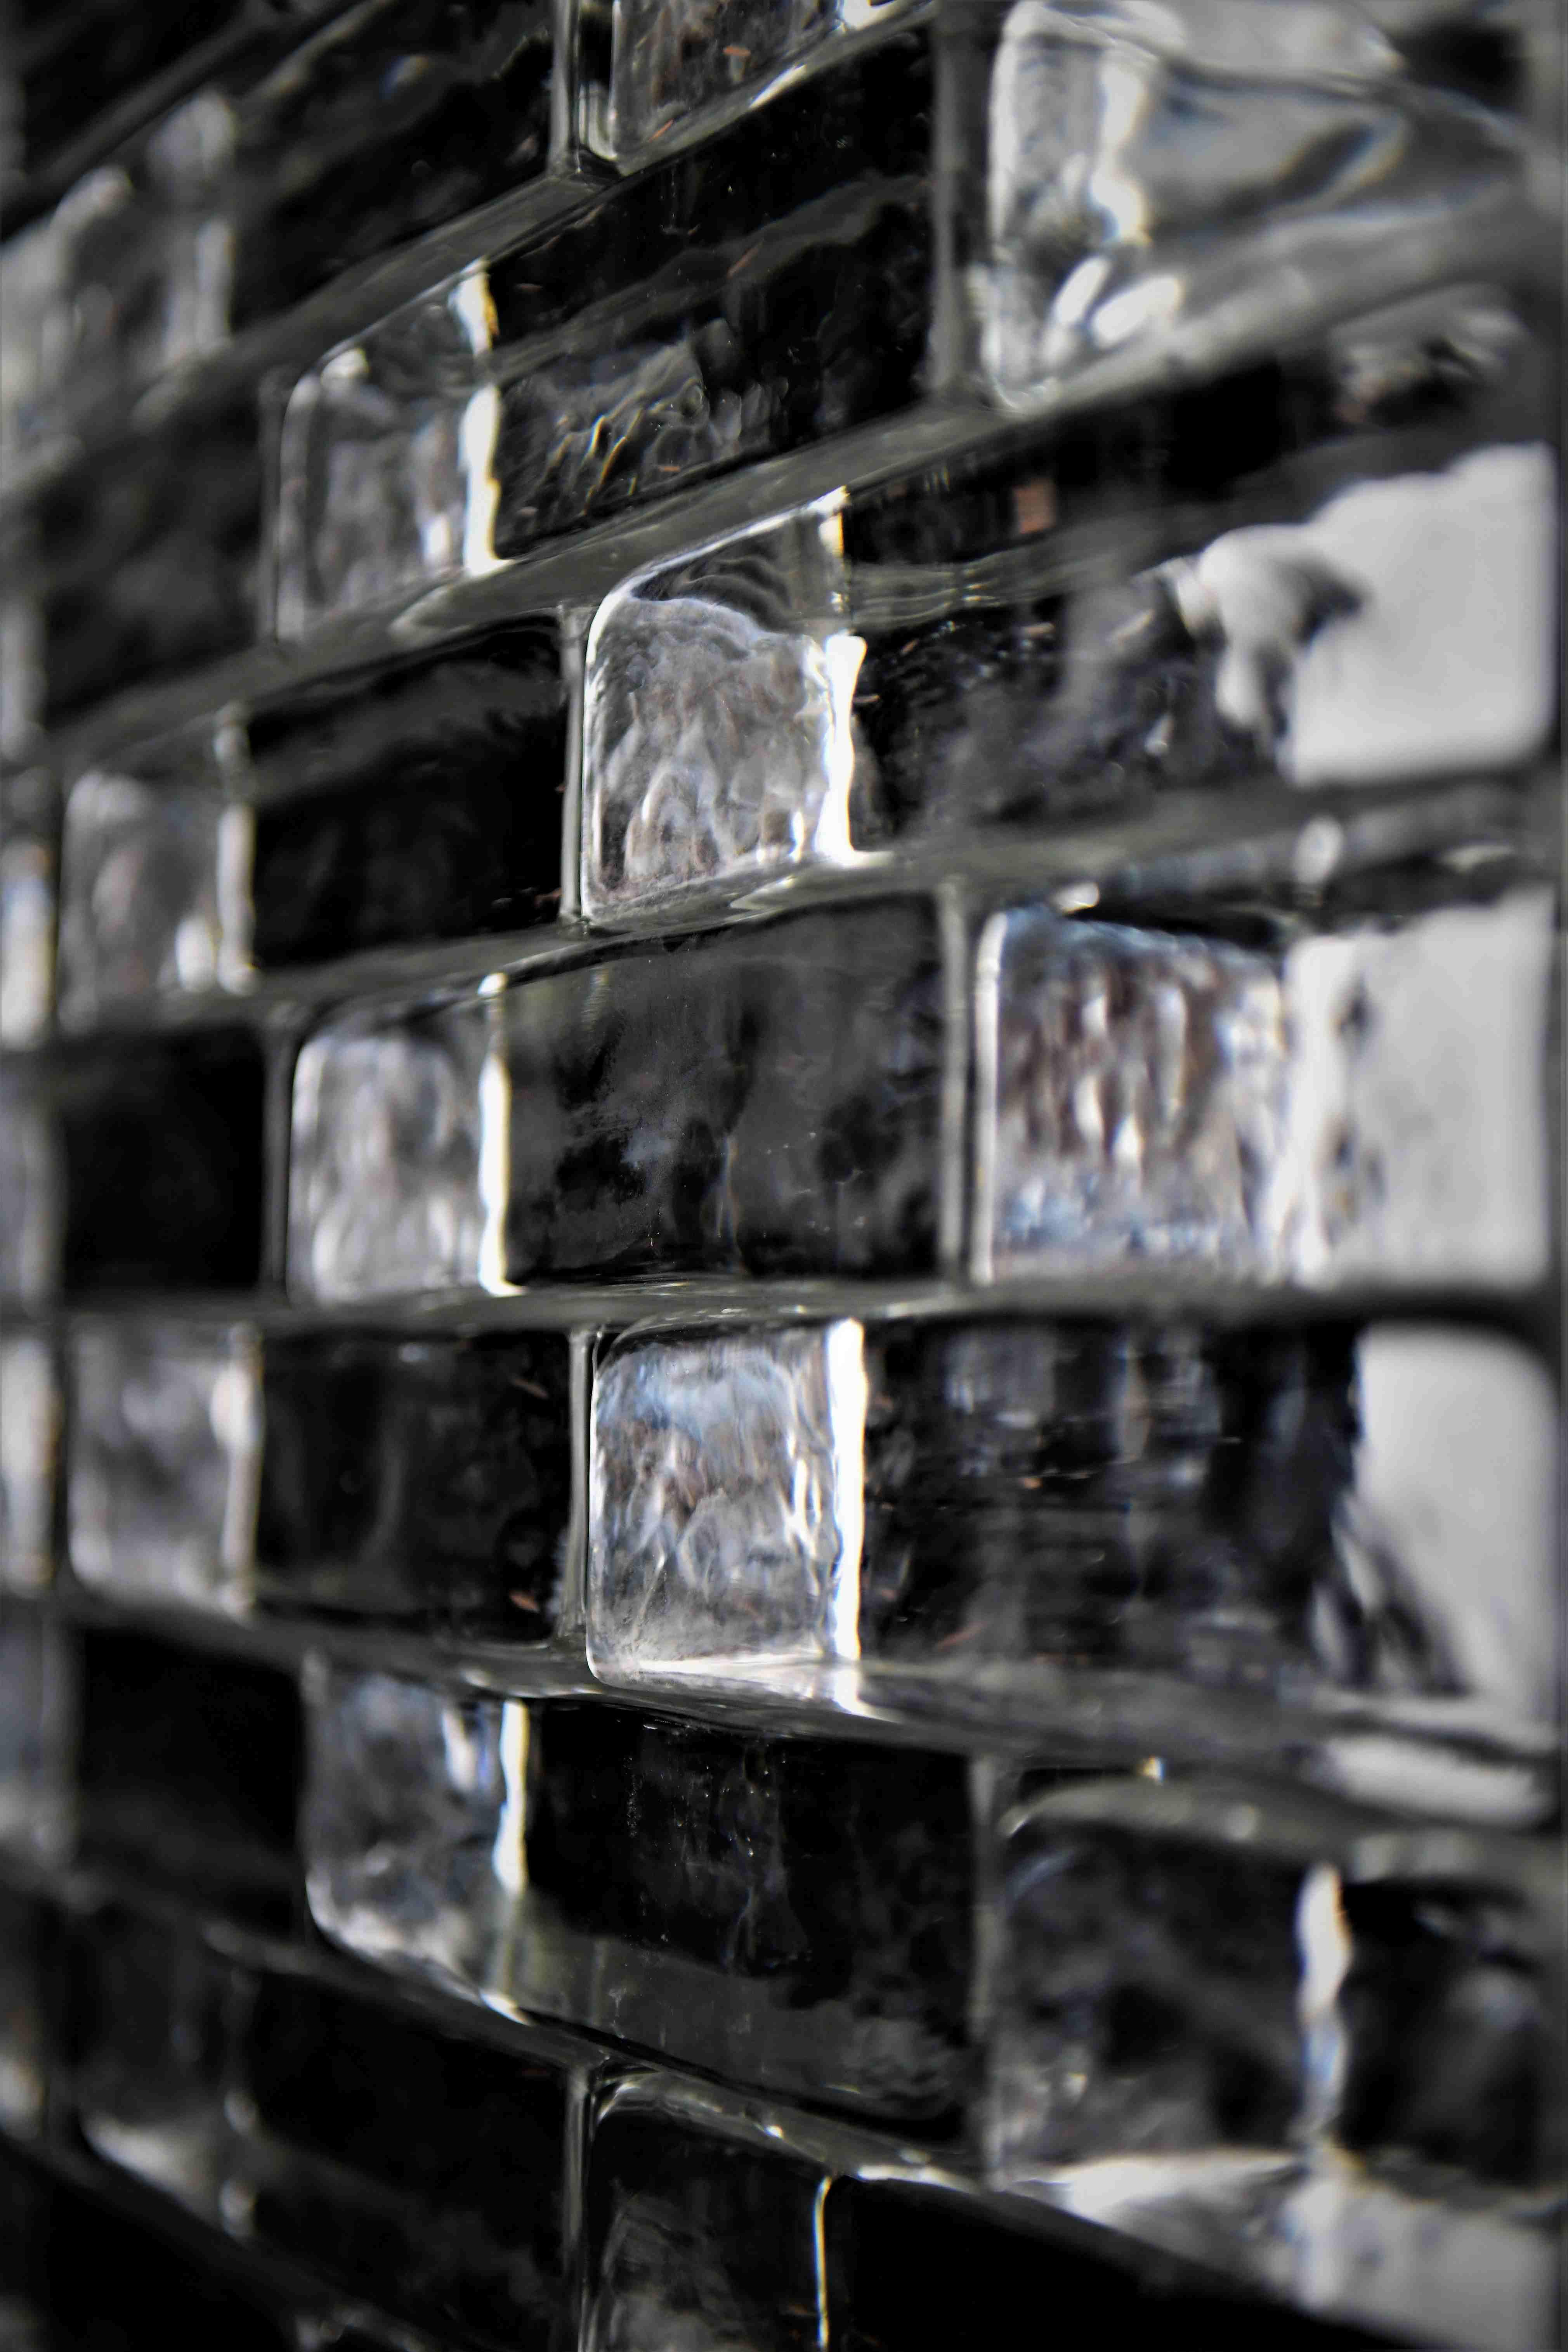 Cegły szklane, 100% szkła, cegła ze szkła, Glasspol, glassbrick, crystal block, glassblock, bloki szklane, cegla szklana Fot. Maciej Zaluski